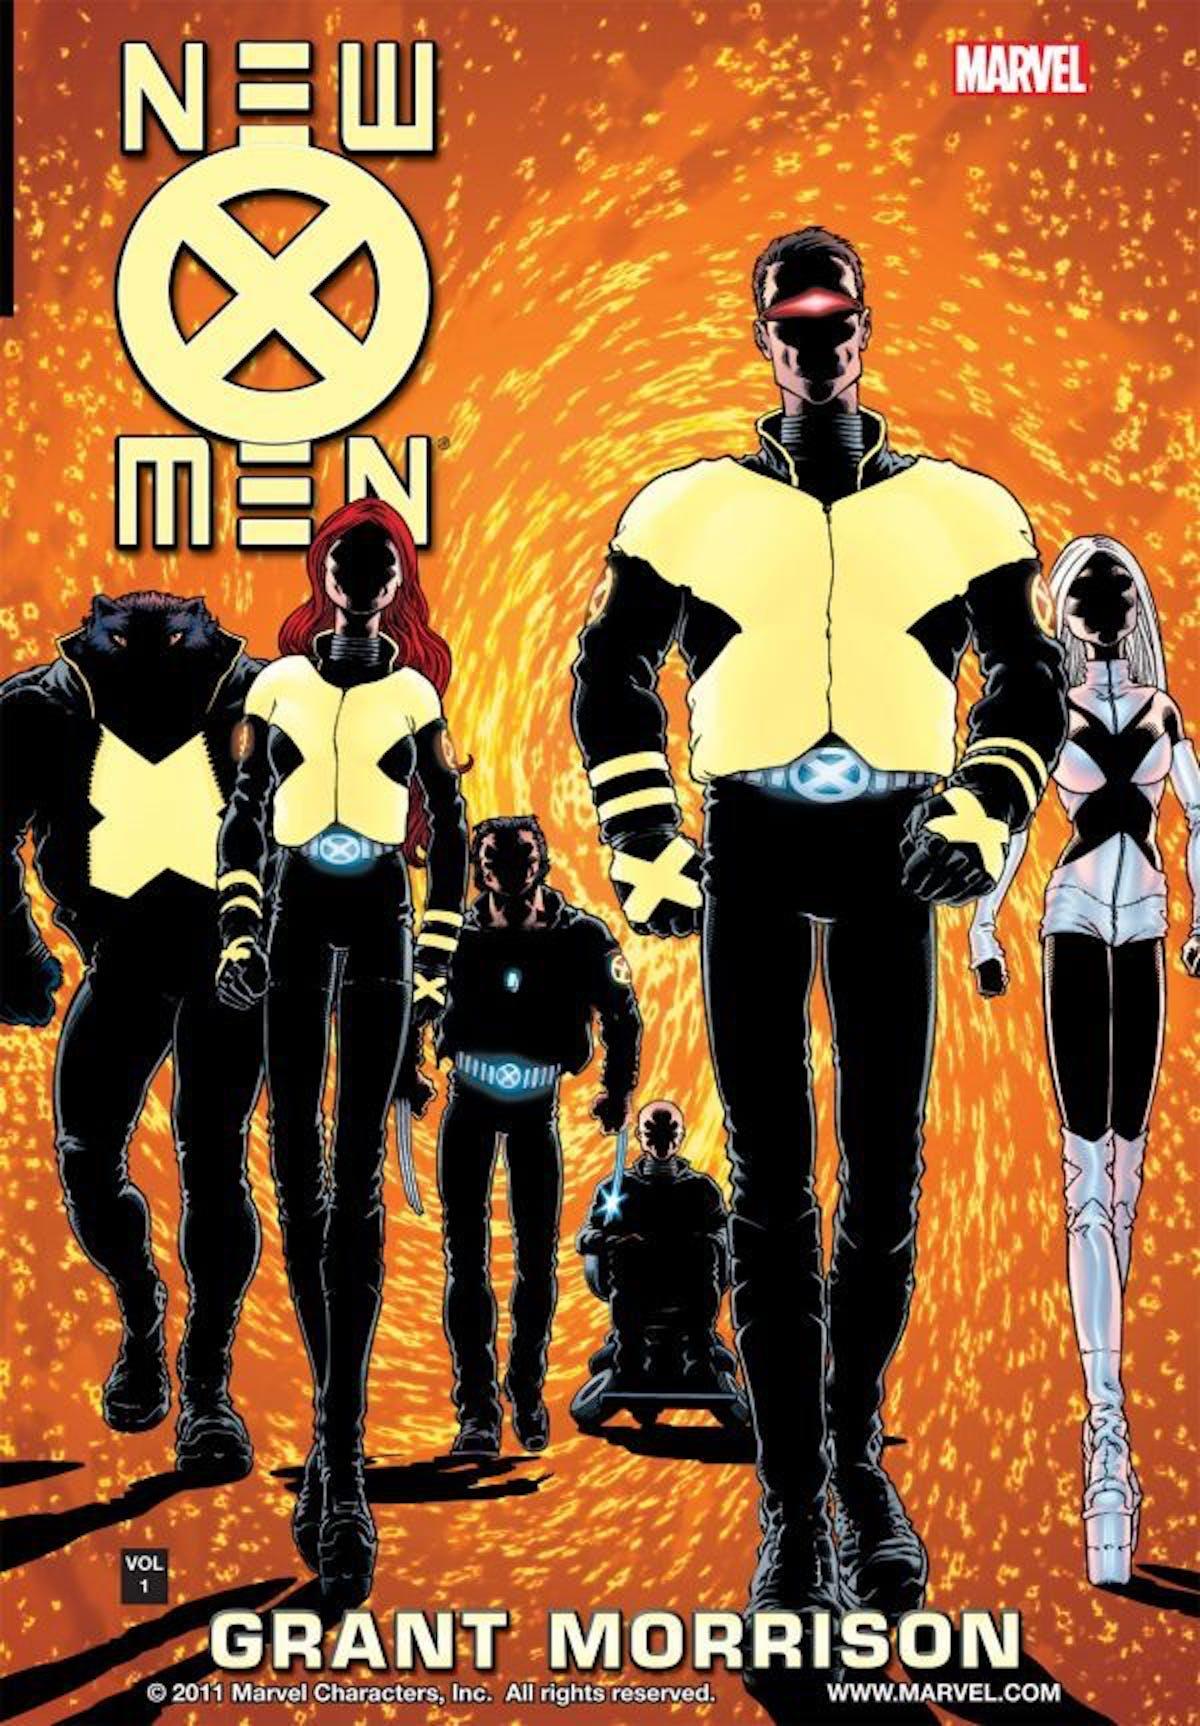 Frank Quietly Grant Morrison New X-Men